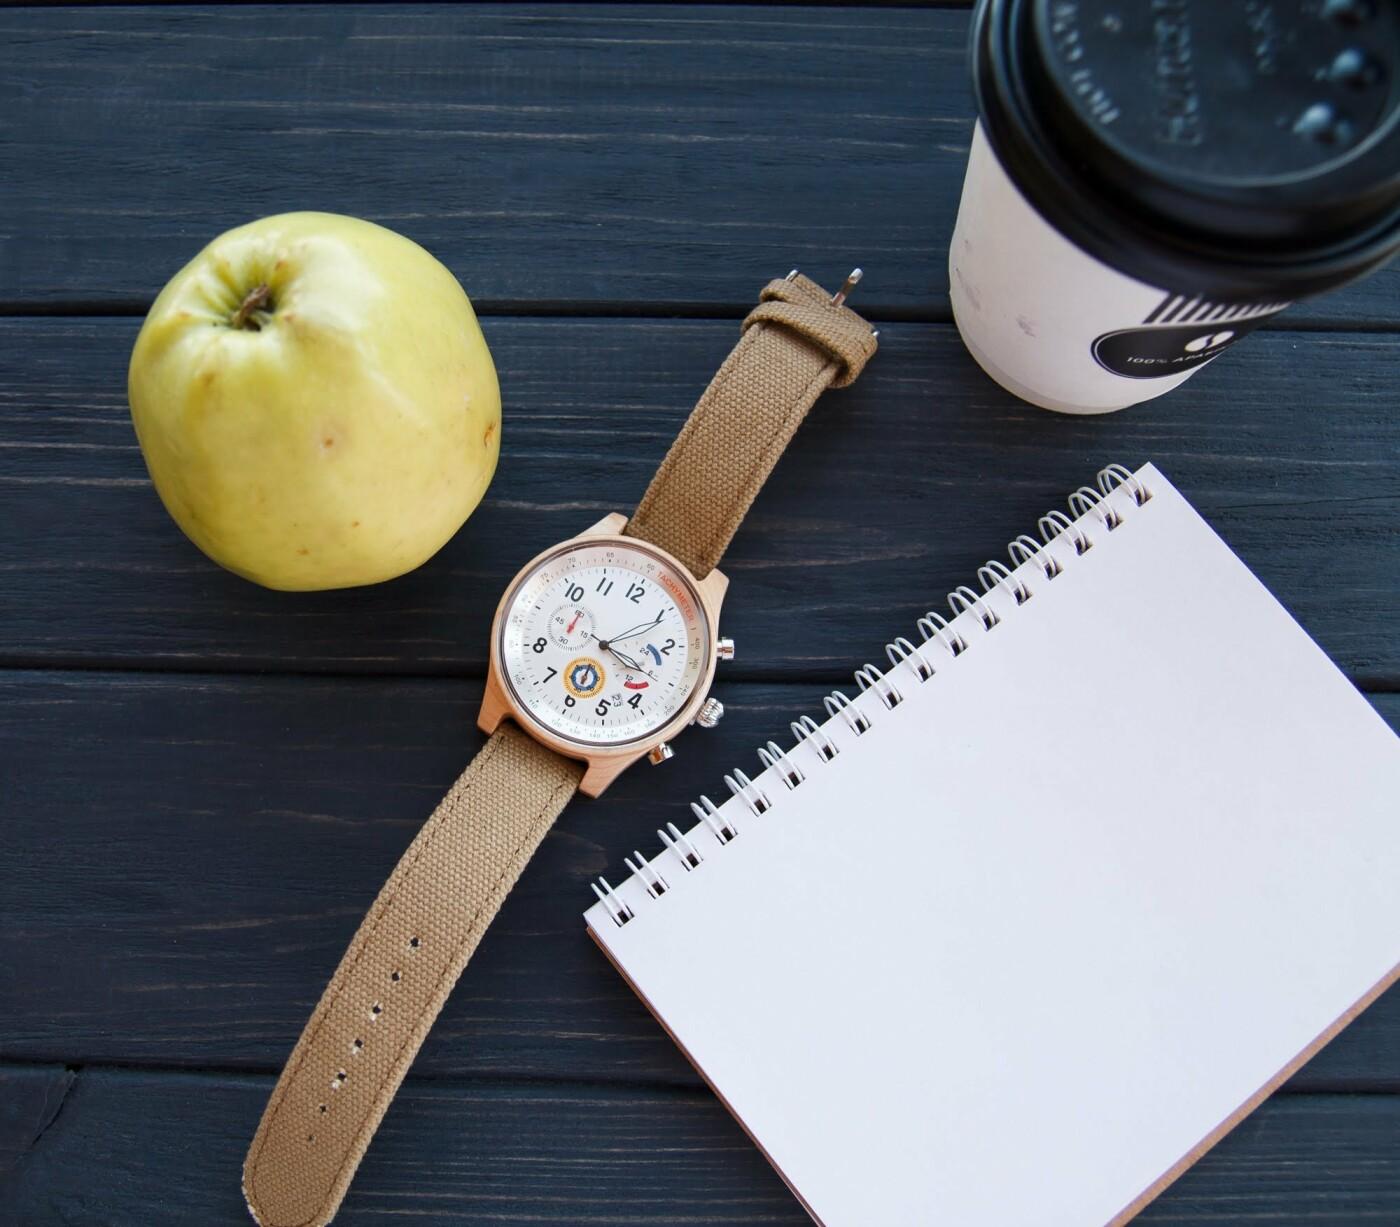 Тренд цієї весни - унікальний годинник з дерева, фото-4